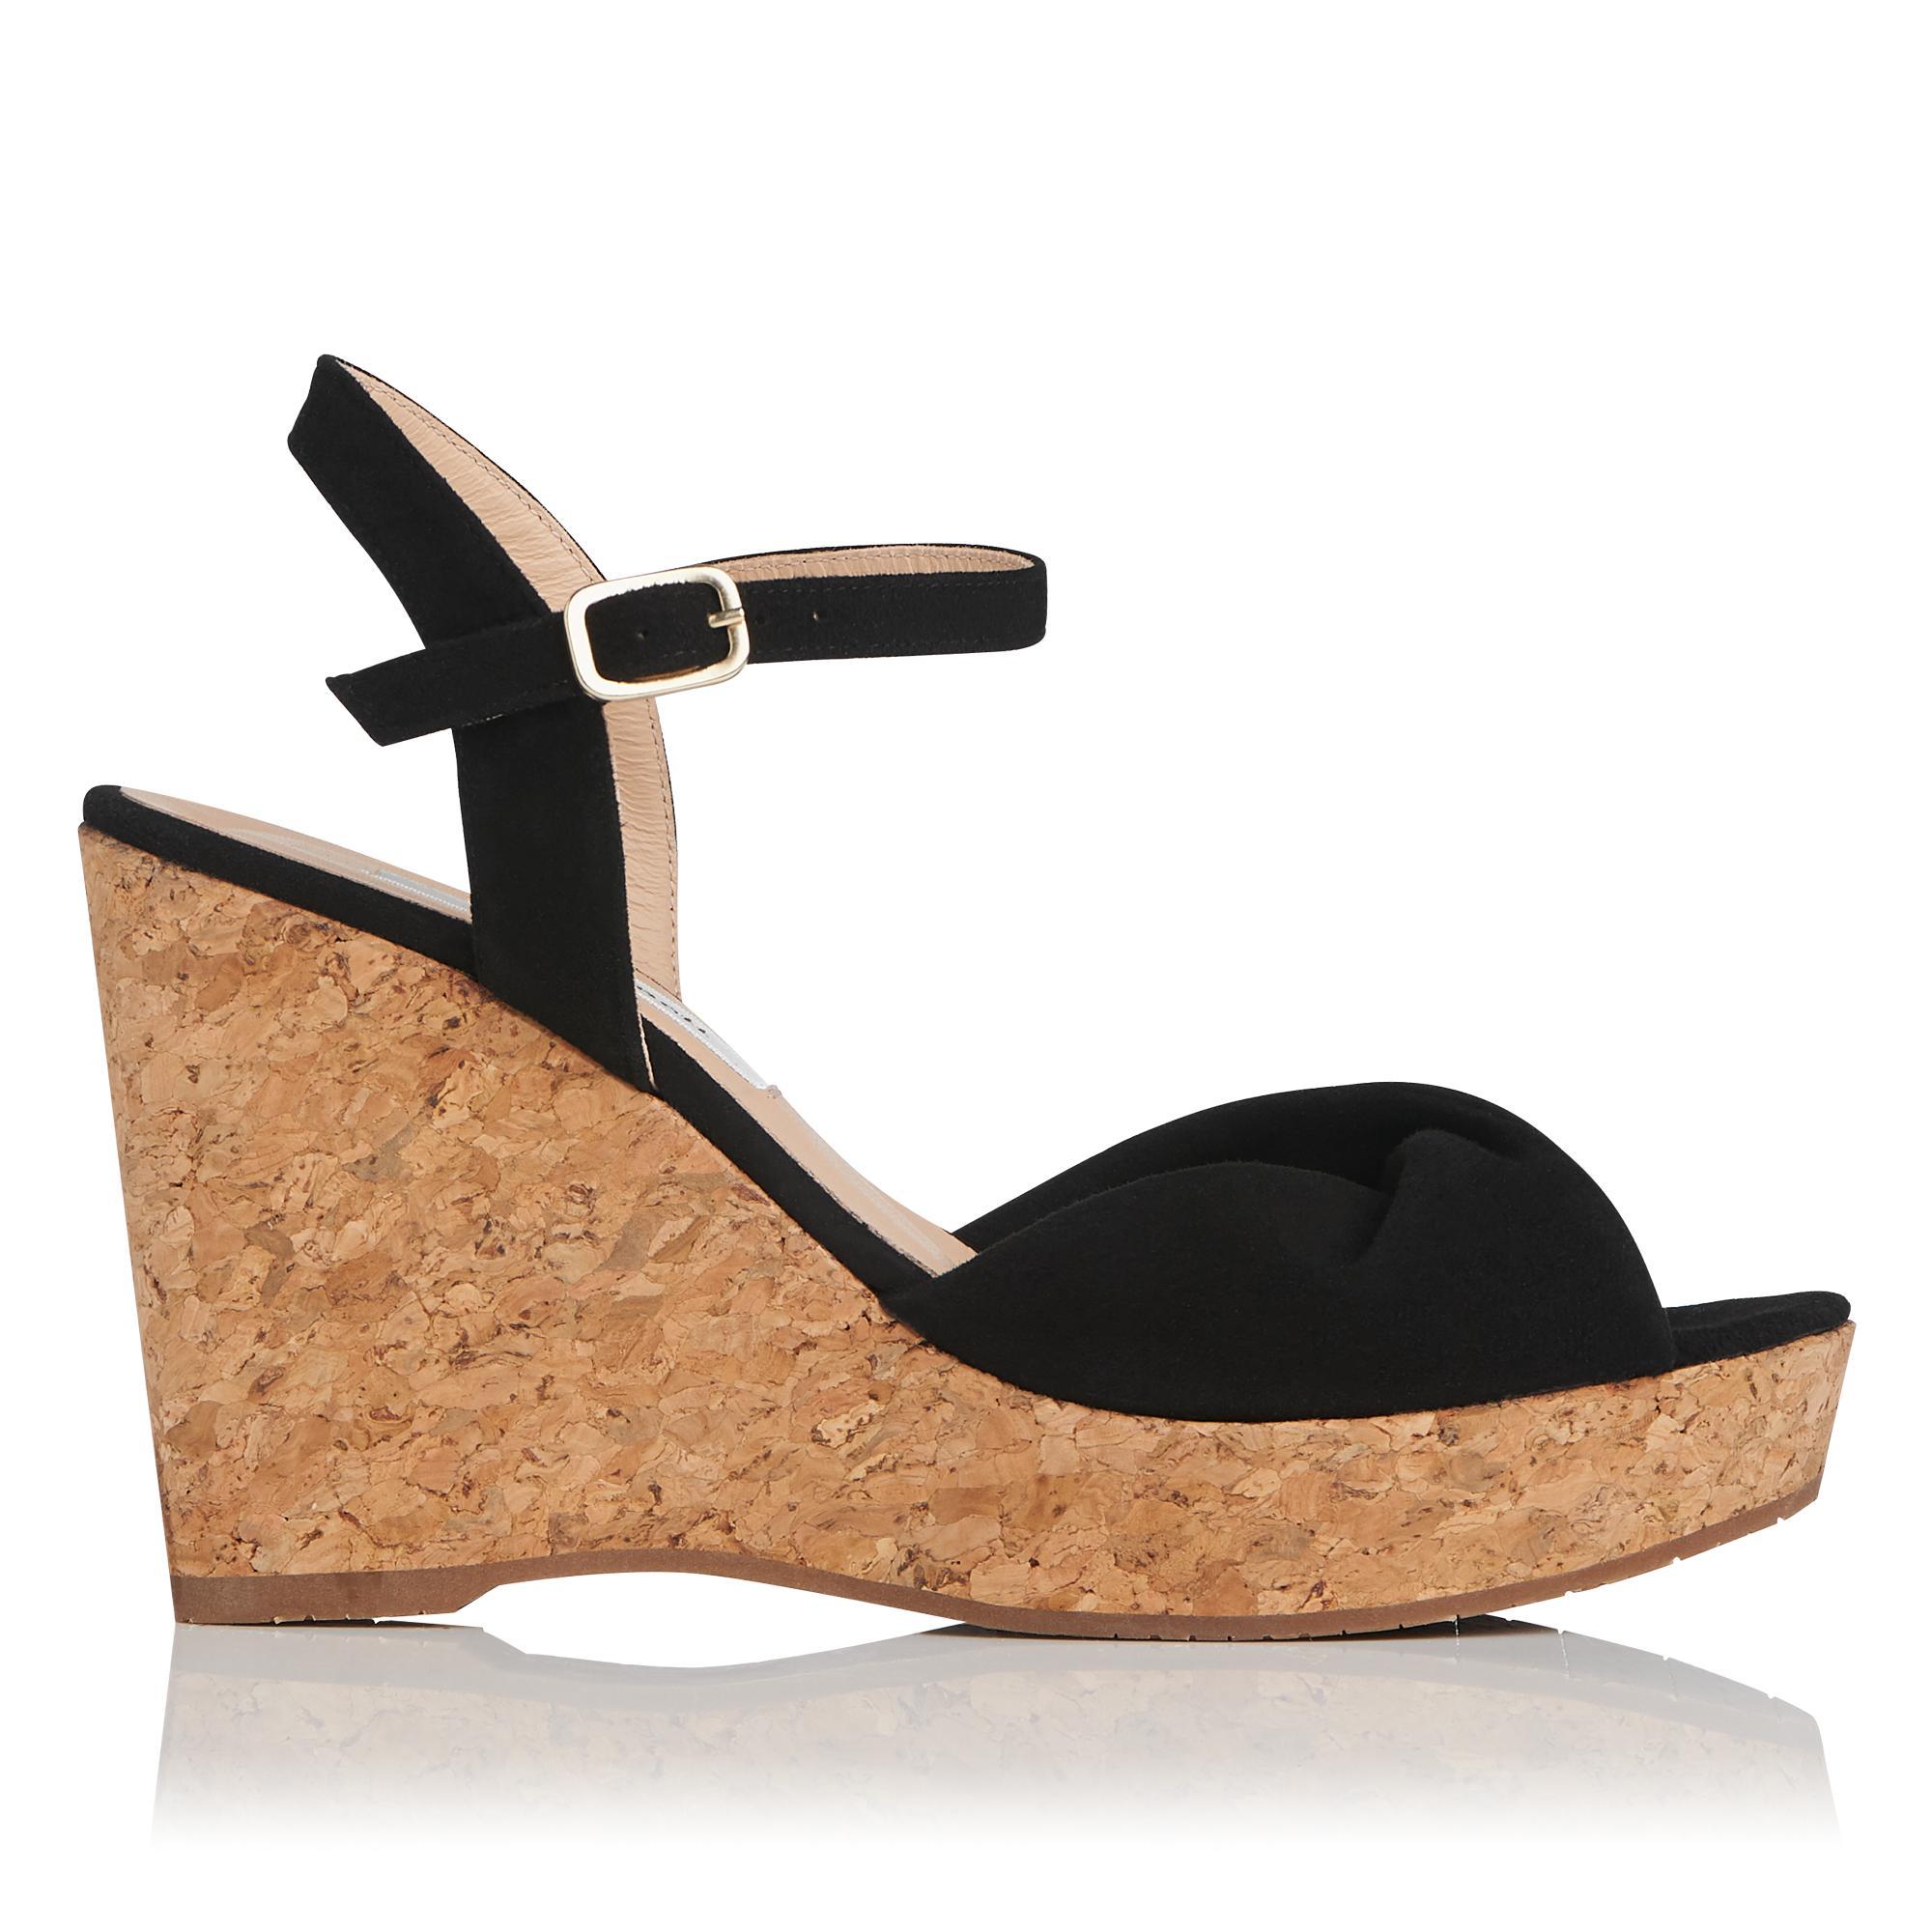 Adeline Black Suede Sandals